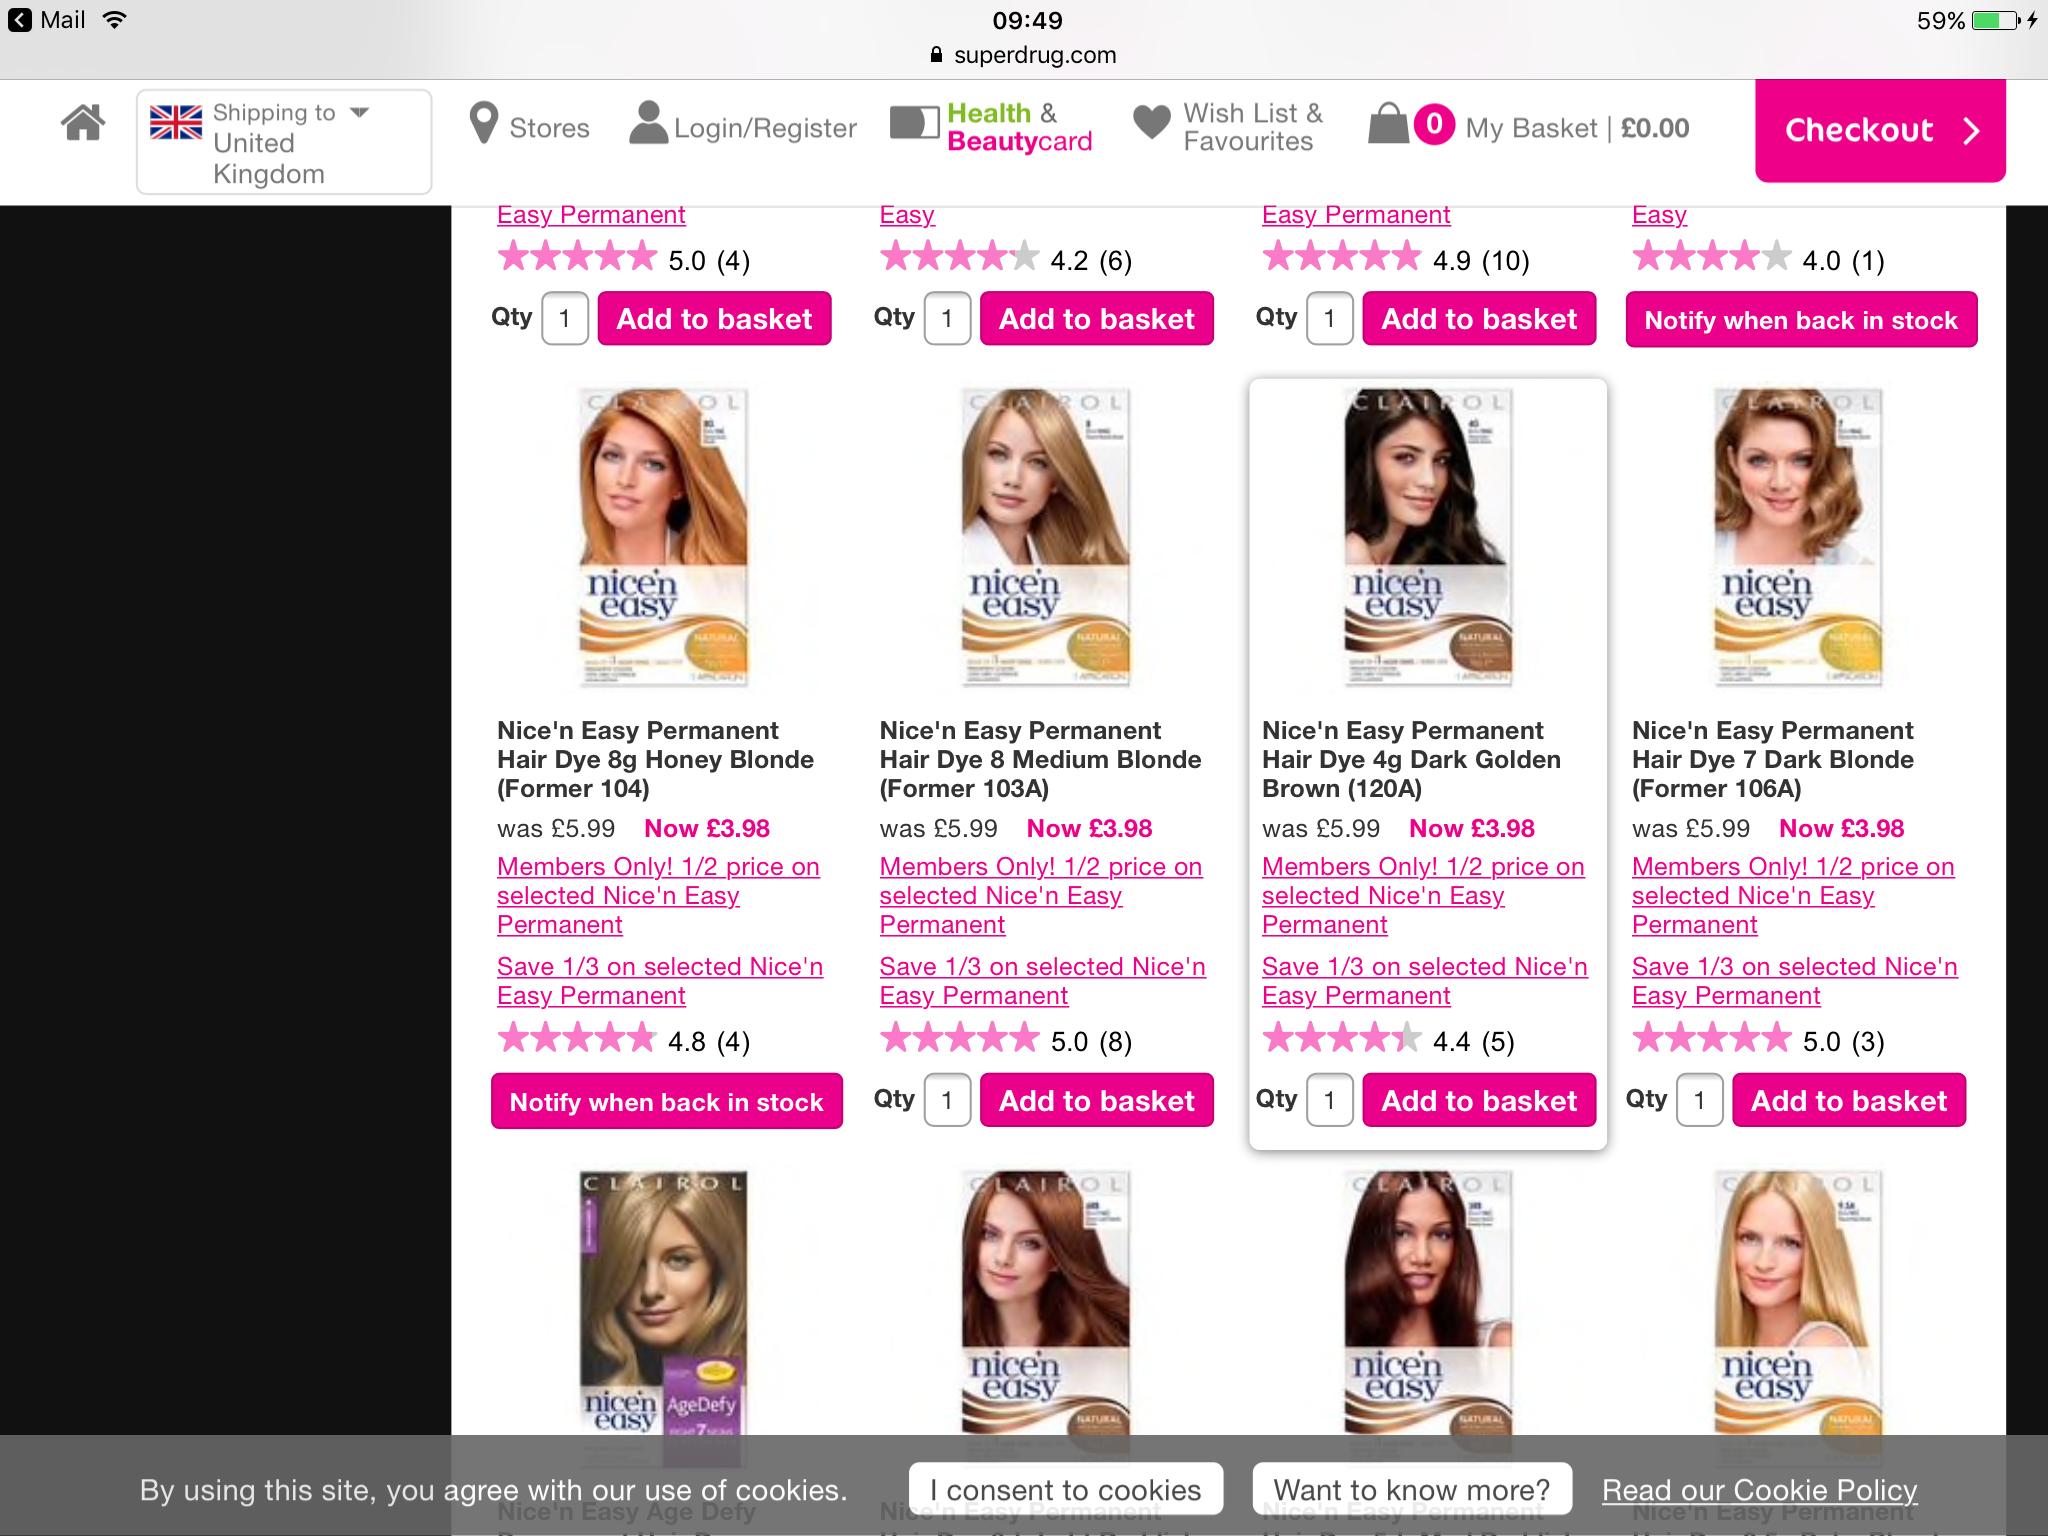 Nice n easy hair dye half price for beauty card members at Superdrug - £2.99